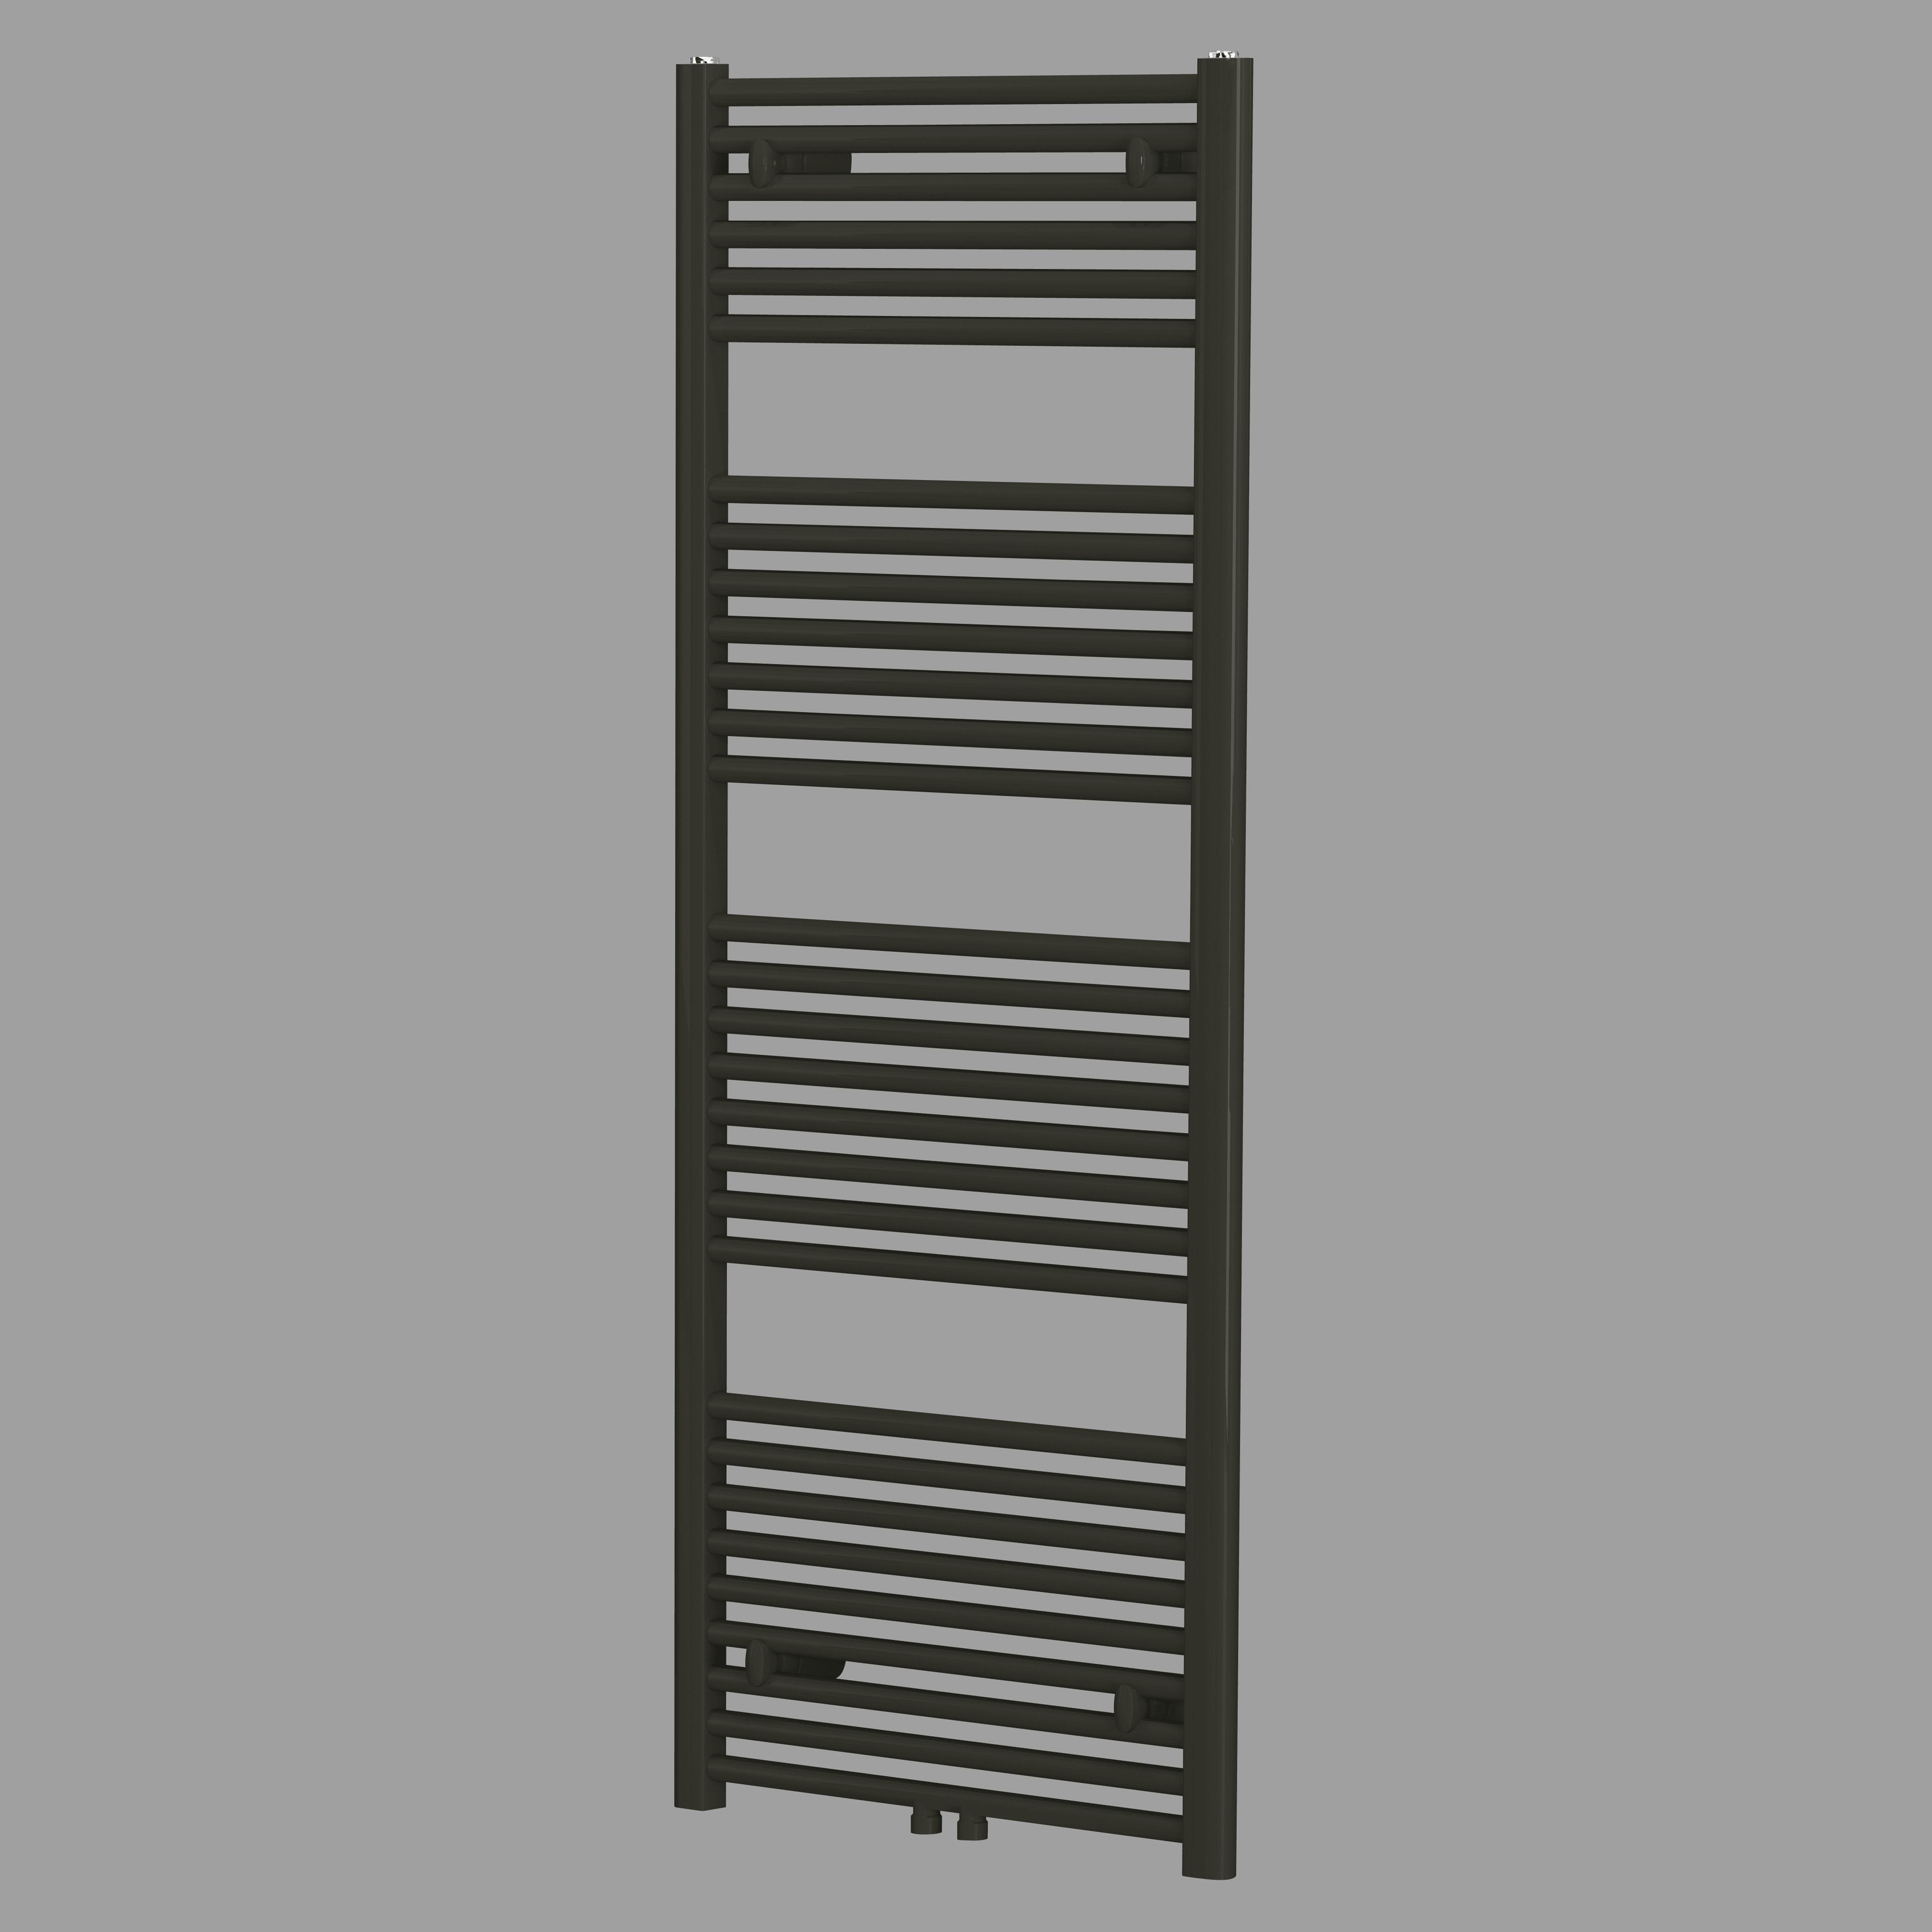 Blinq Altare R handdoekdesignradiator 180 x 60 cm (H X L) mat zwart